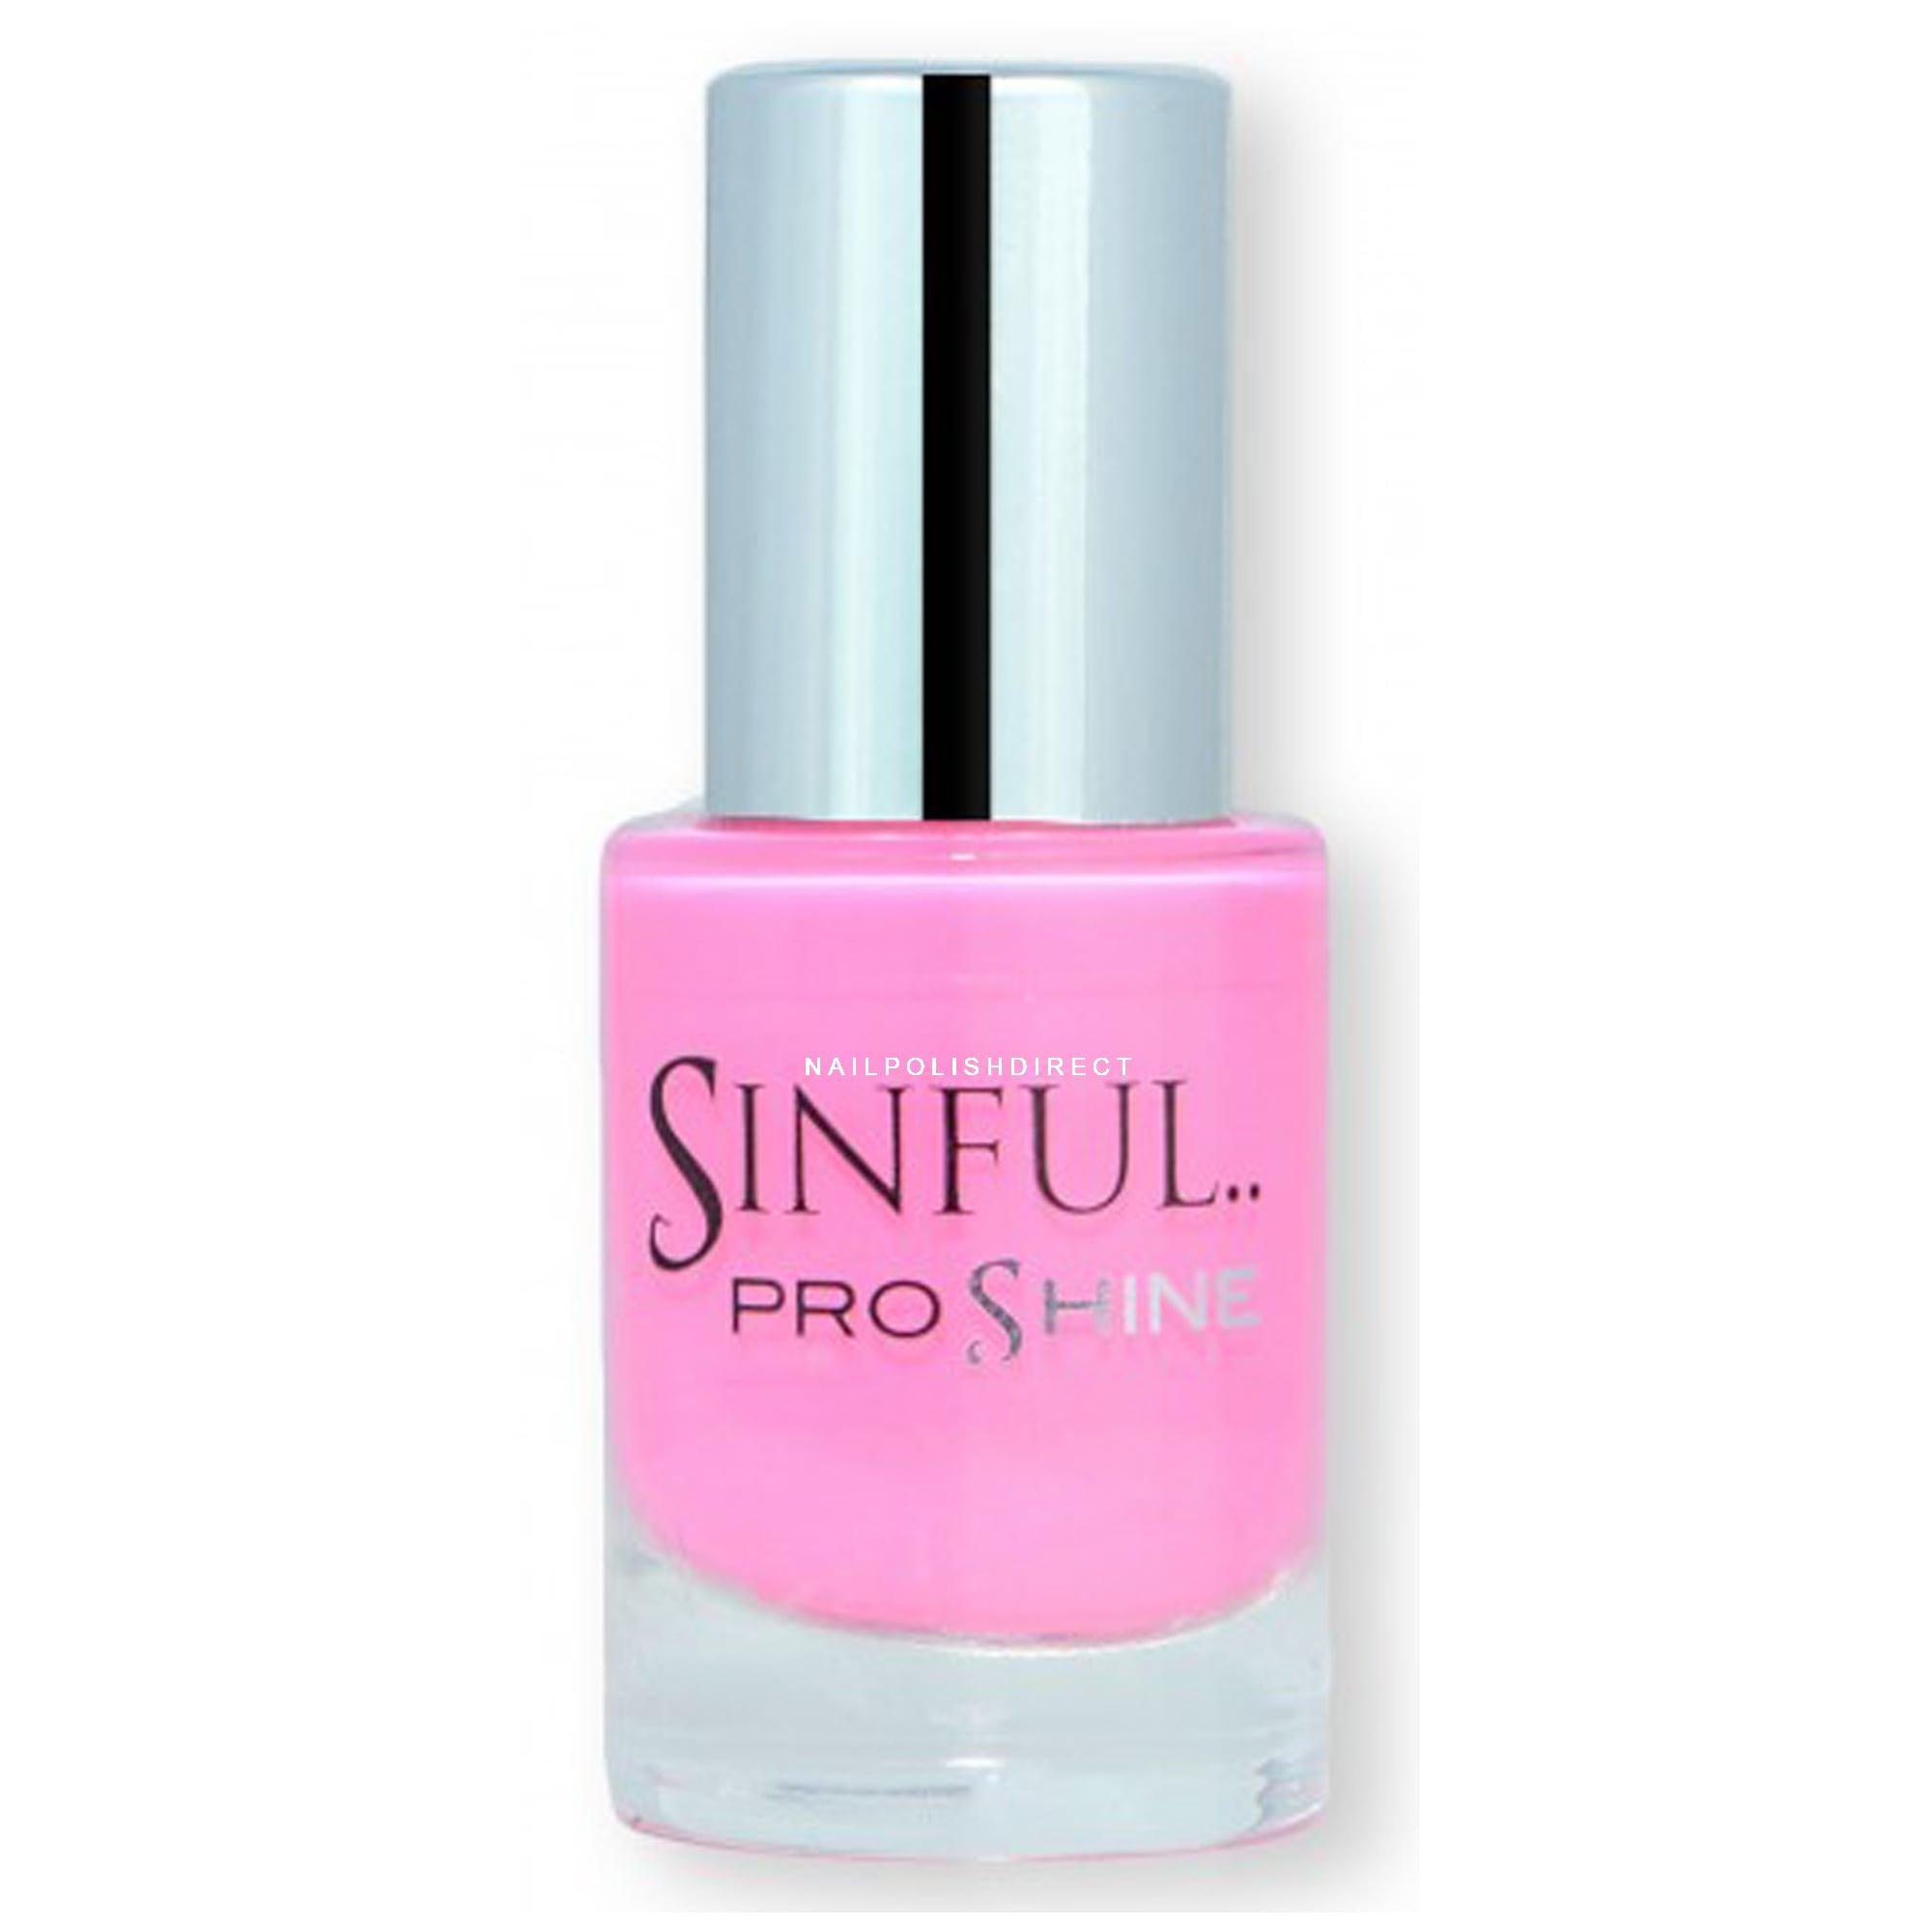 Nail Polish For Baby: Sinful Pro Shine Nail Polish